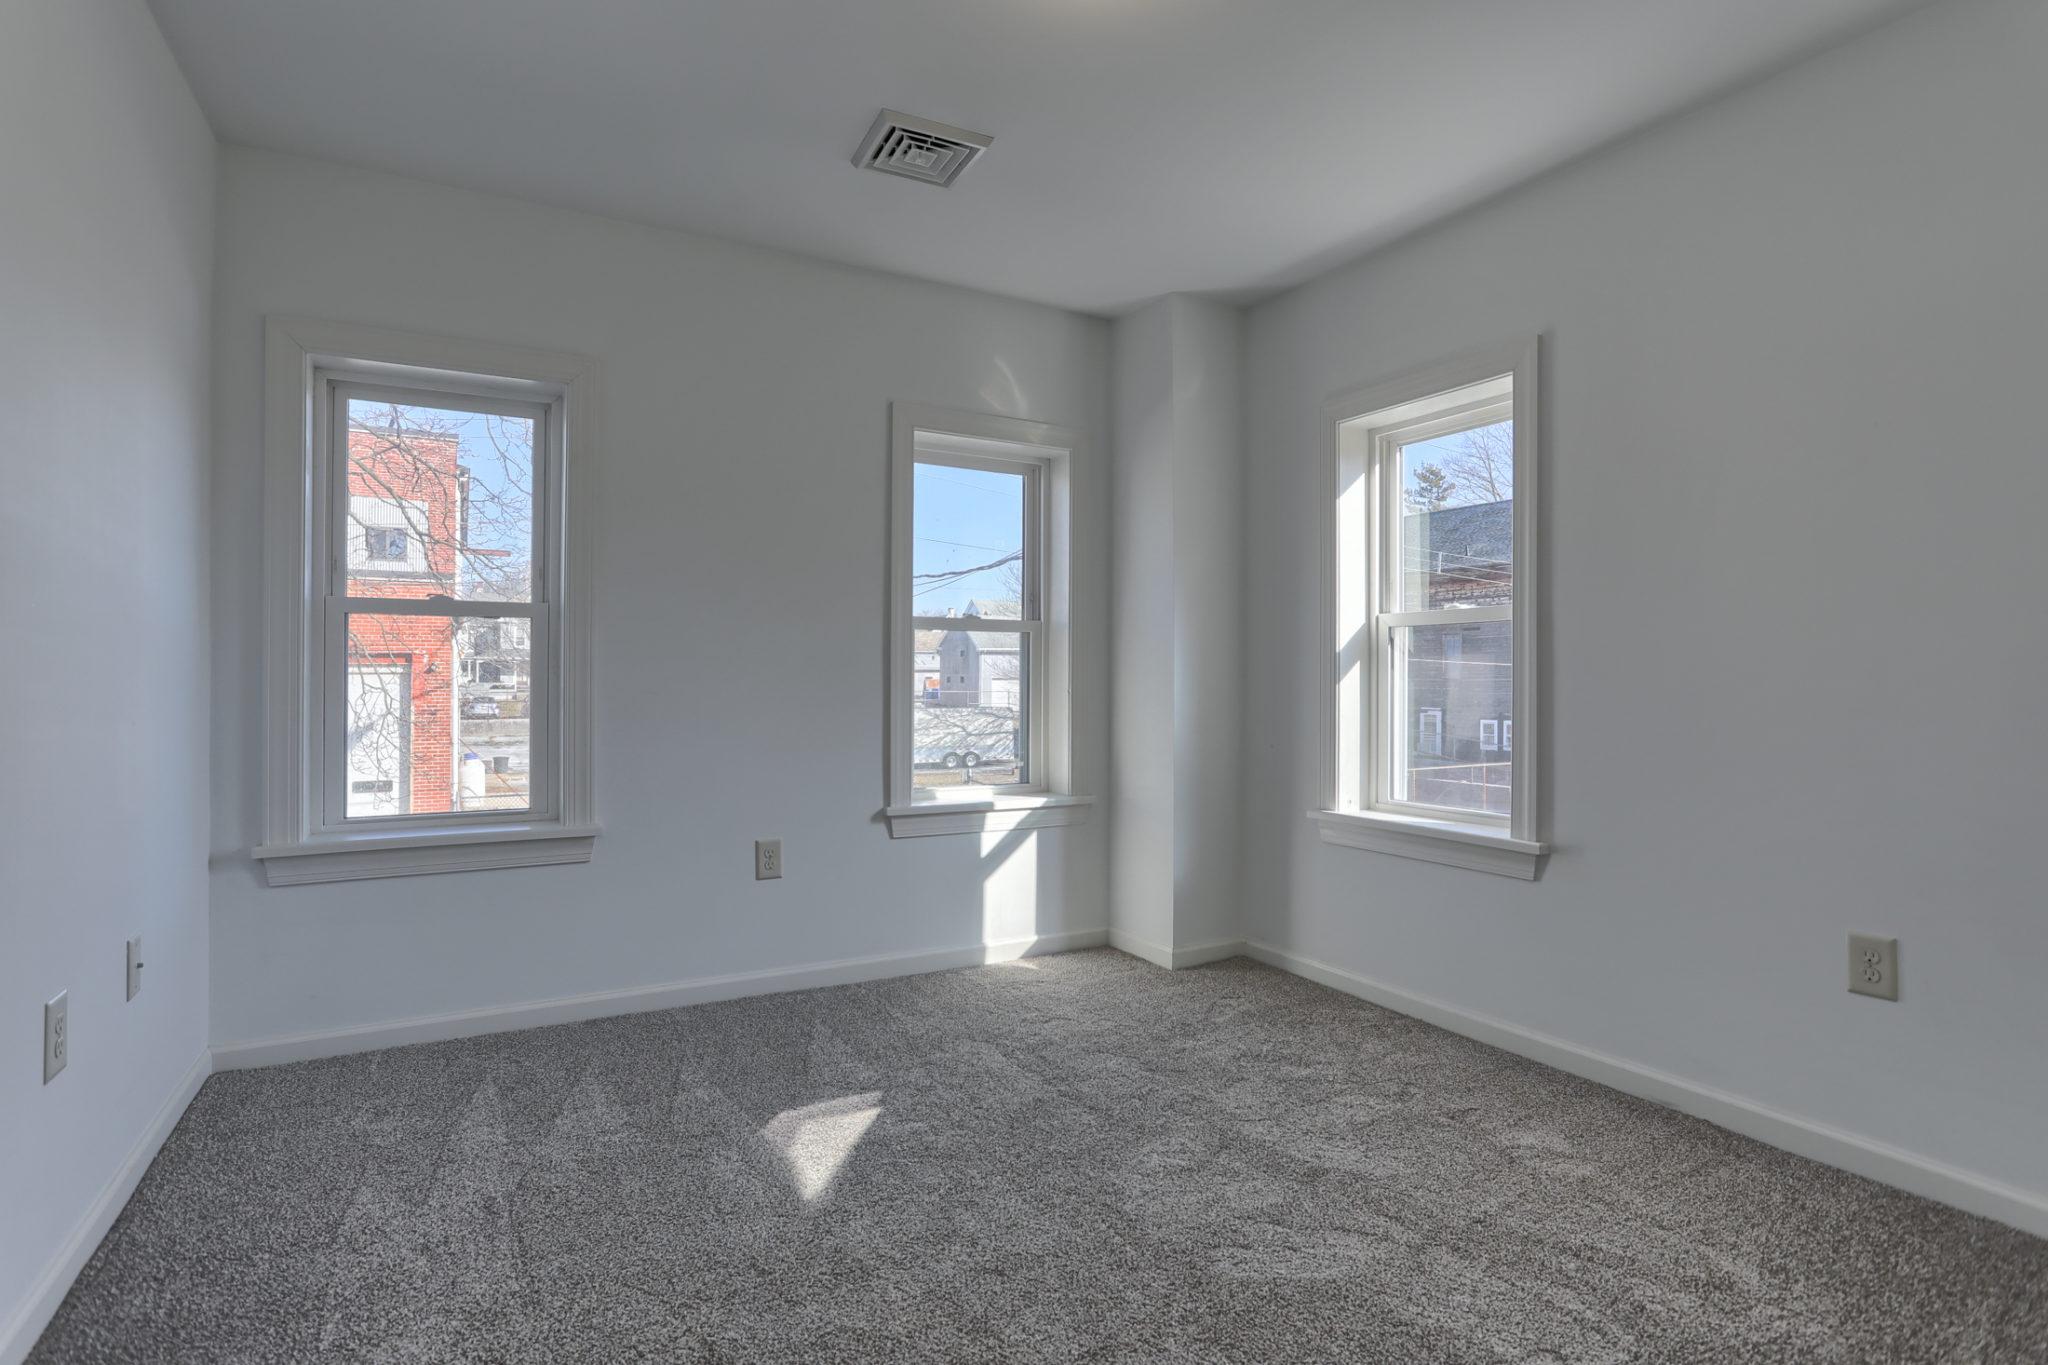 12 E. Center Ave. - Bedroom 3